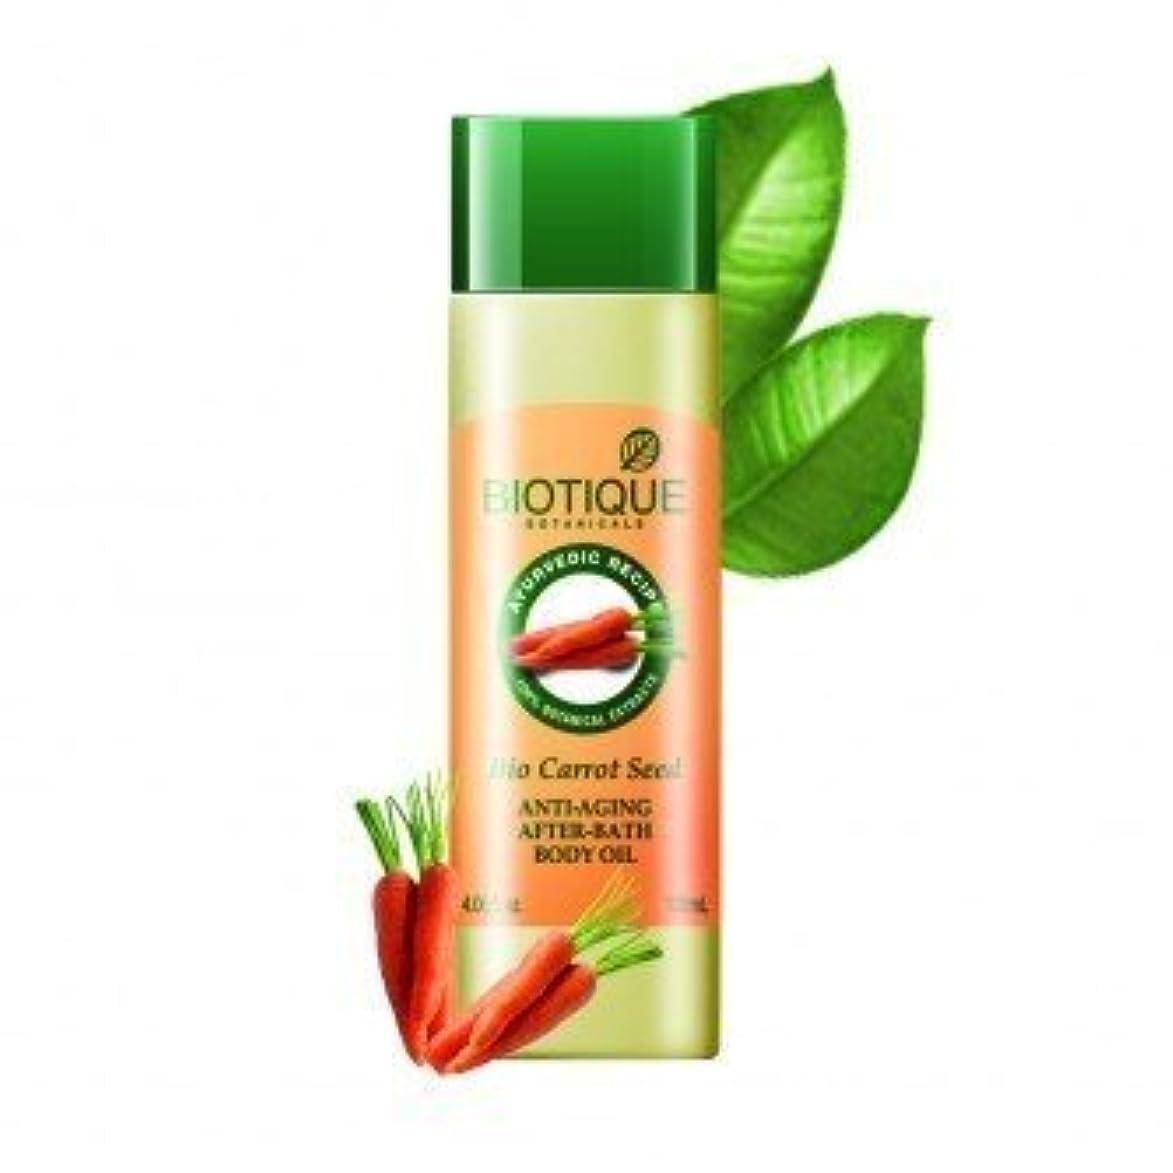 排出合計明日Biotique Bio Carrot Seed Anti-Aging After-Bath Body Oil 120 Ml (Ship From India)